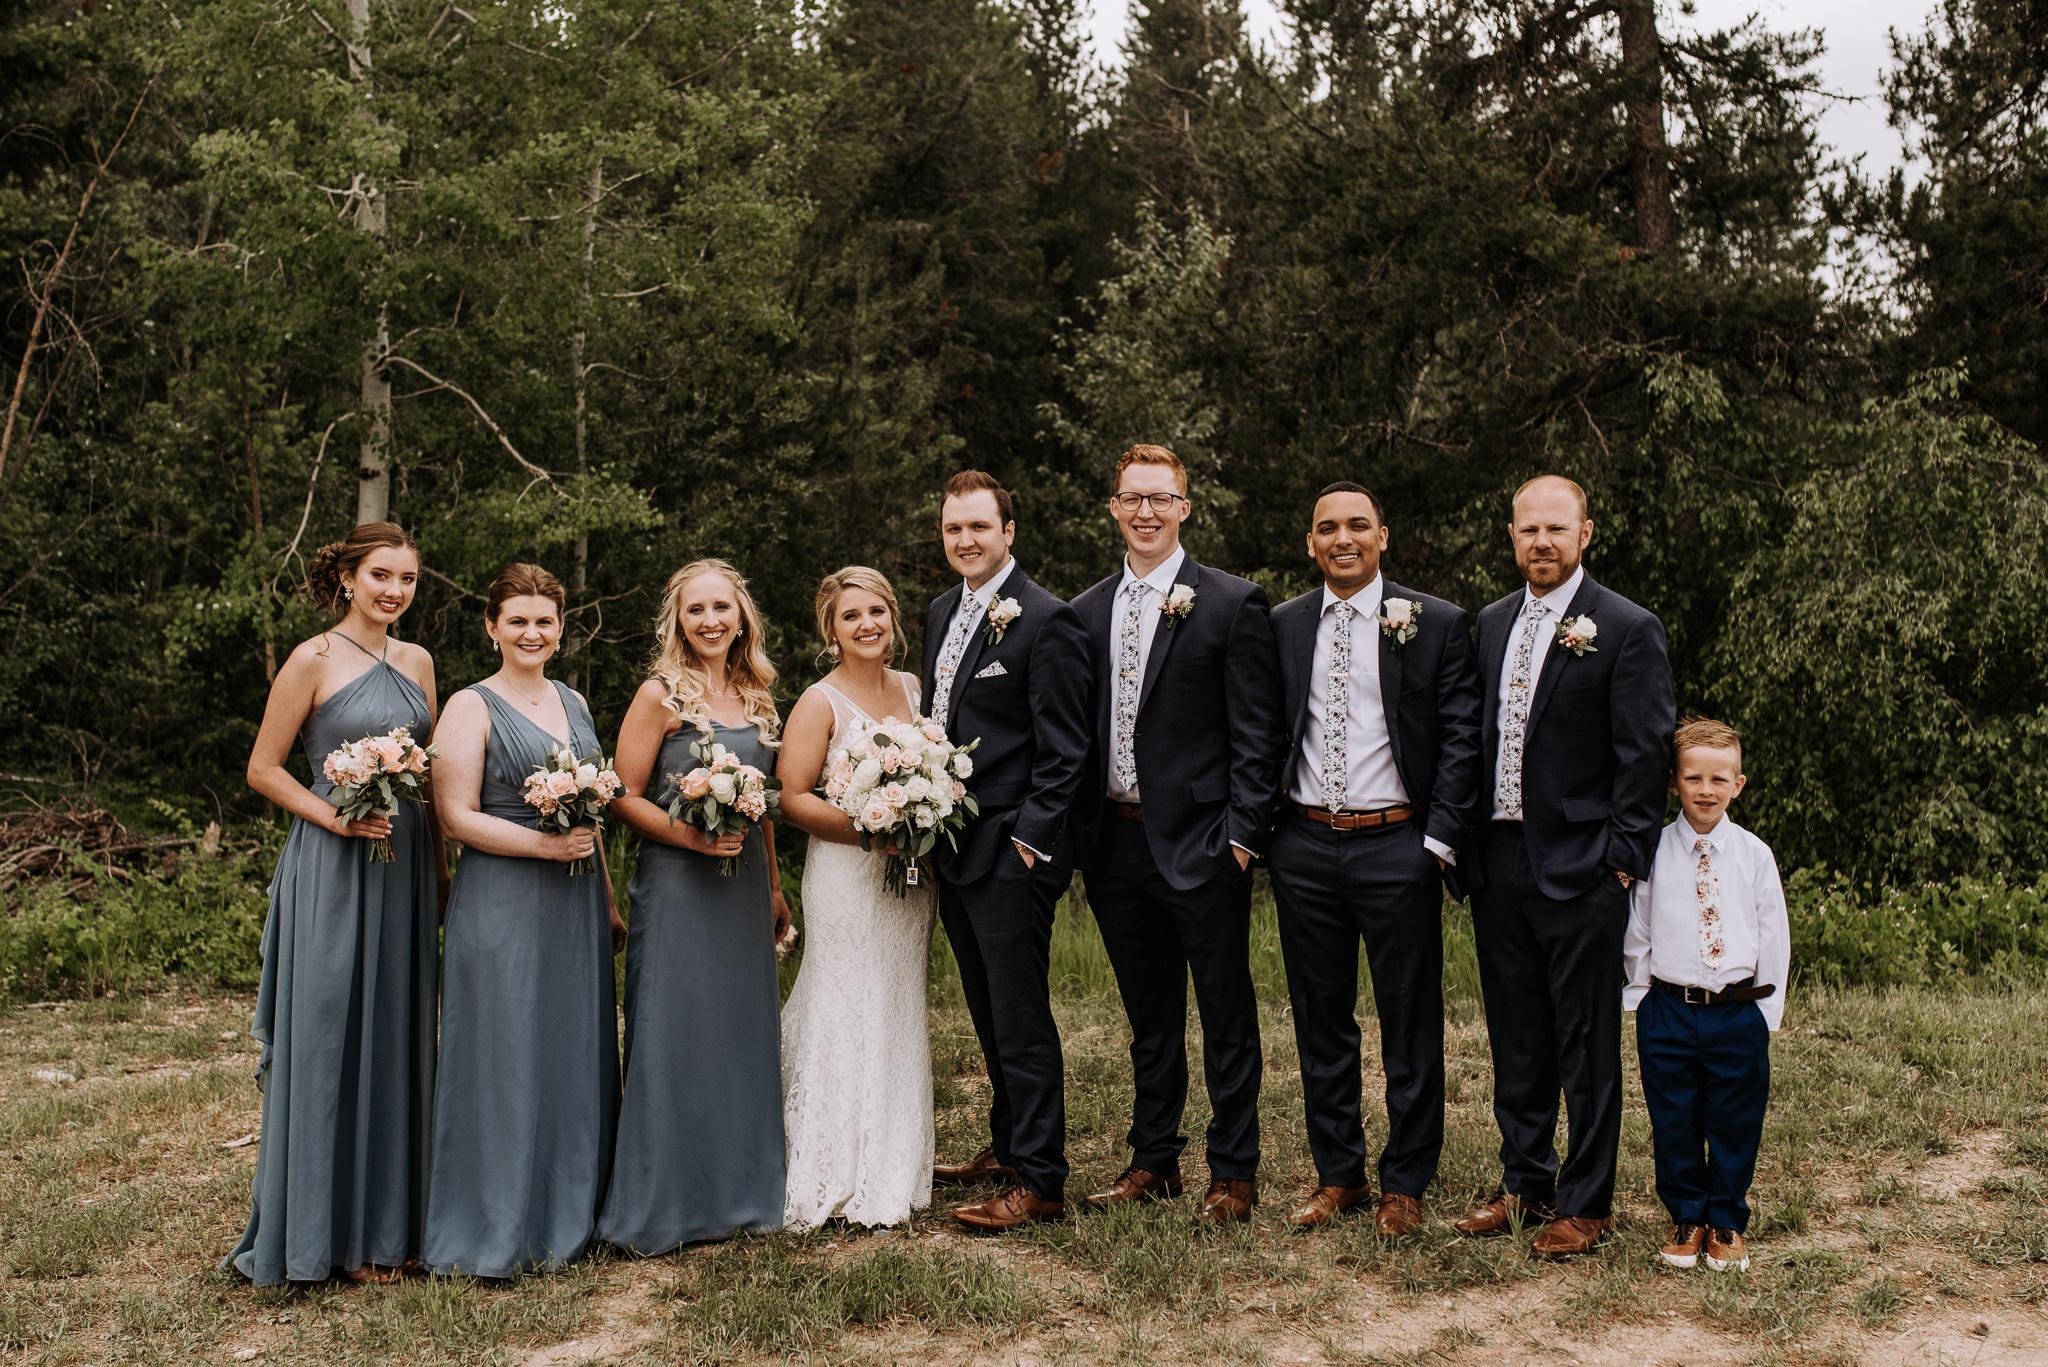 glacier-park-wedding-45.jpg